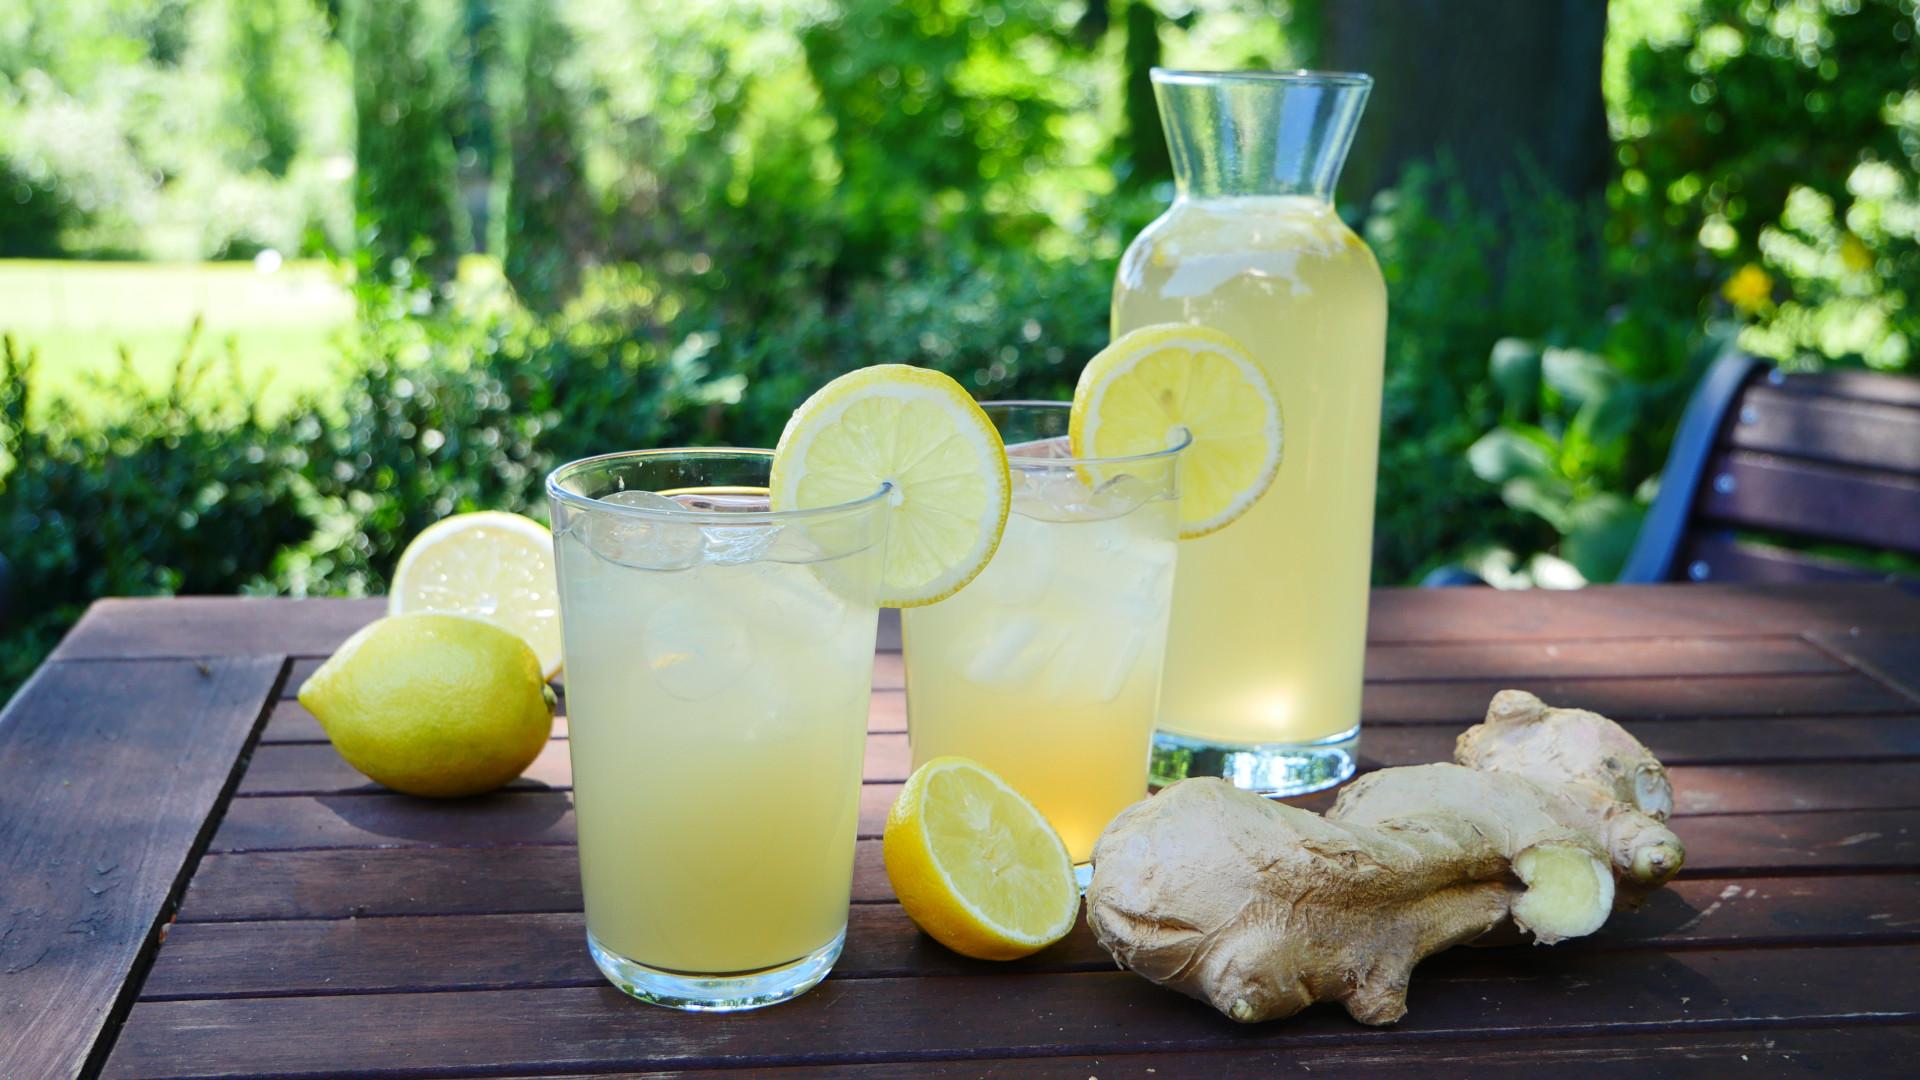 rezept ginger ale selber machen i klassisches ginger ale rezept. Black Bedroom Furniture Sets. Home Design Ideas